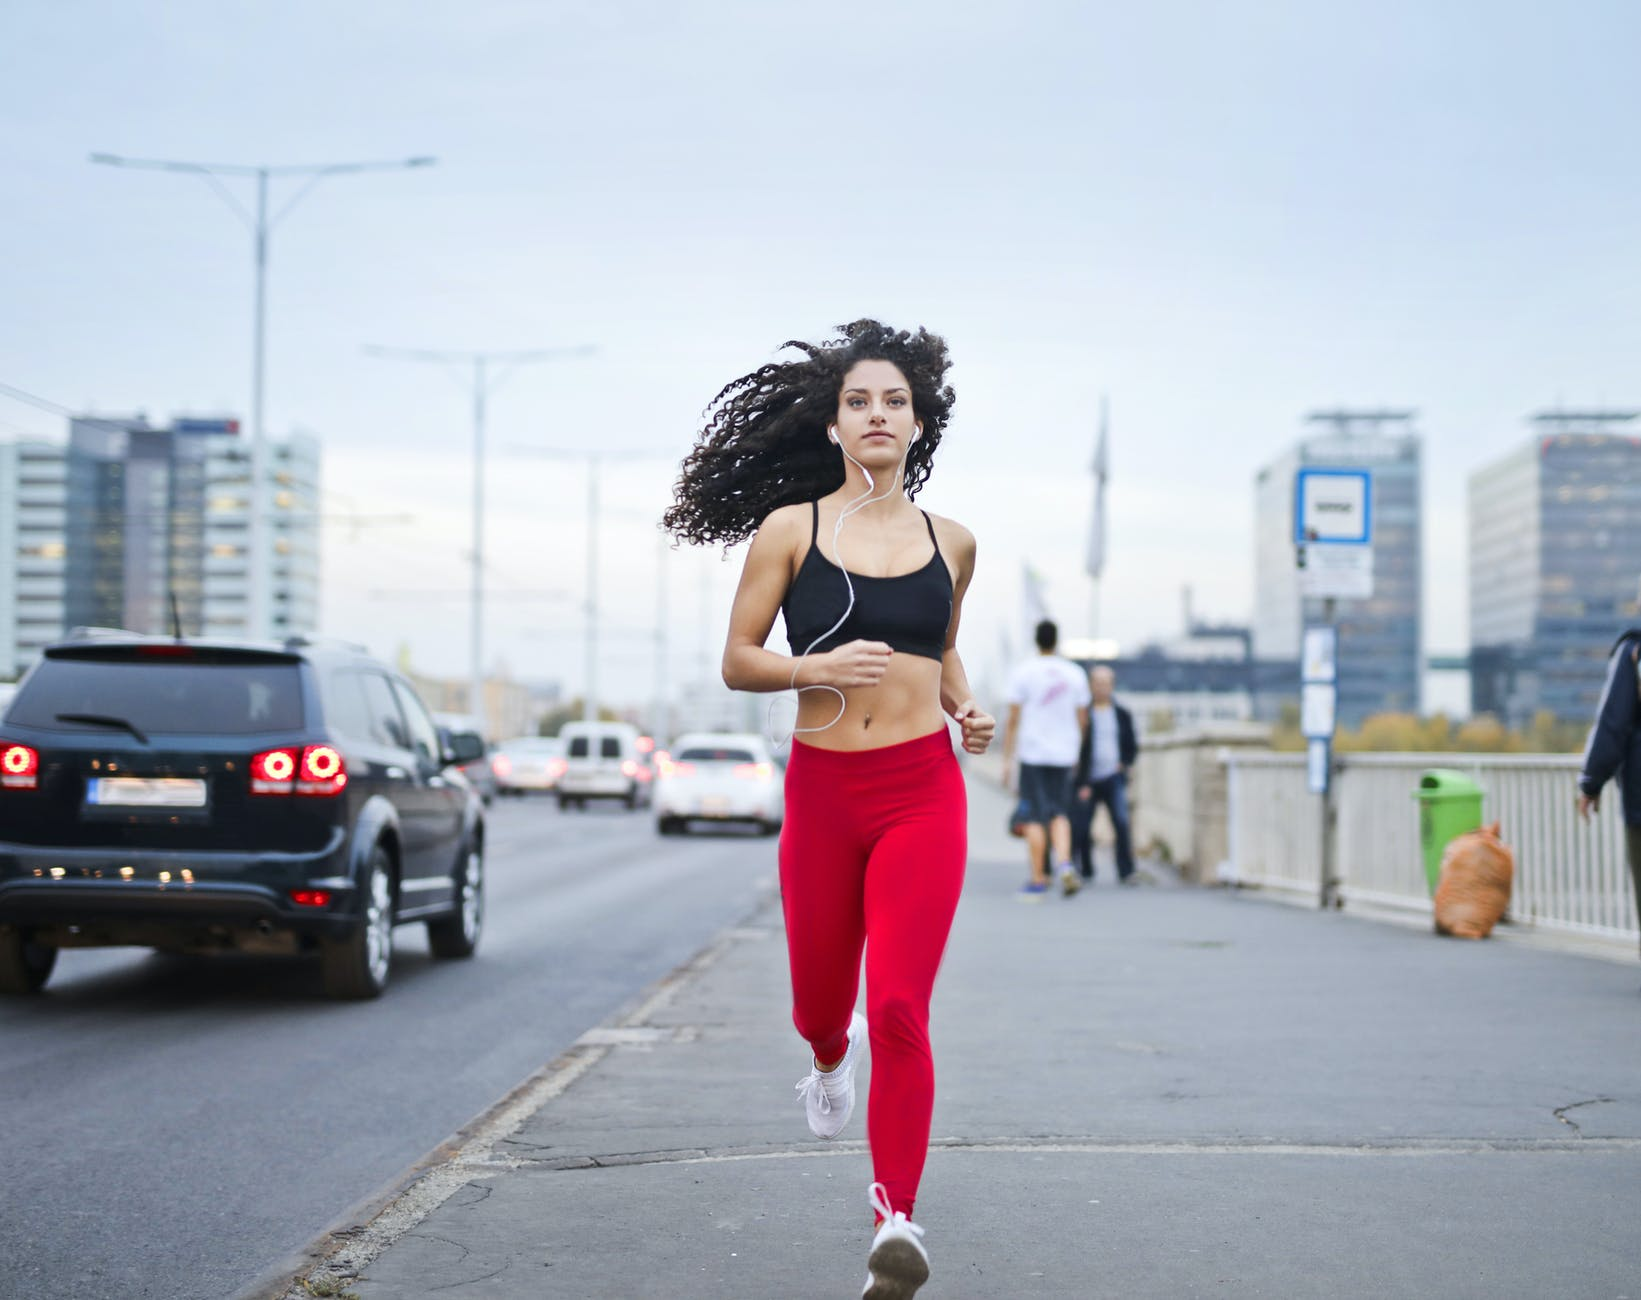 Running releases happiness hormones.